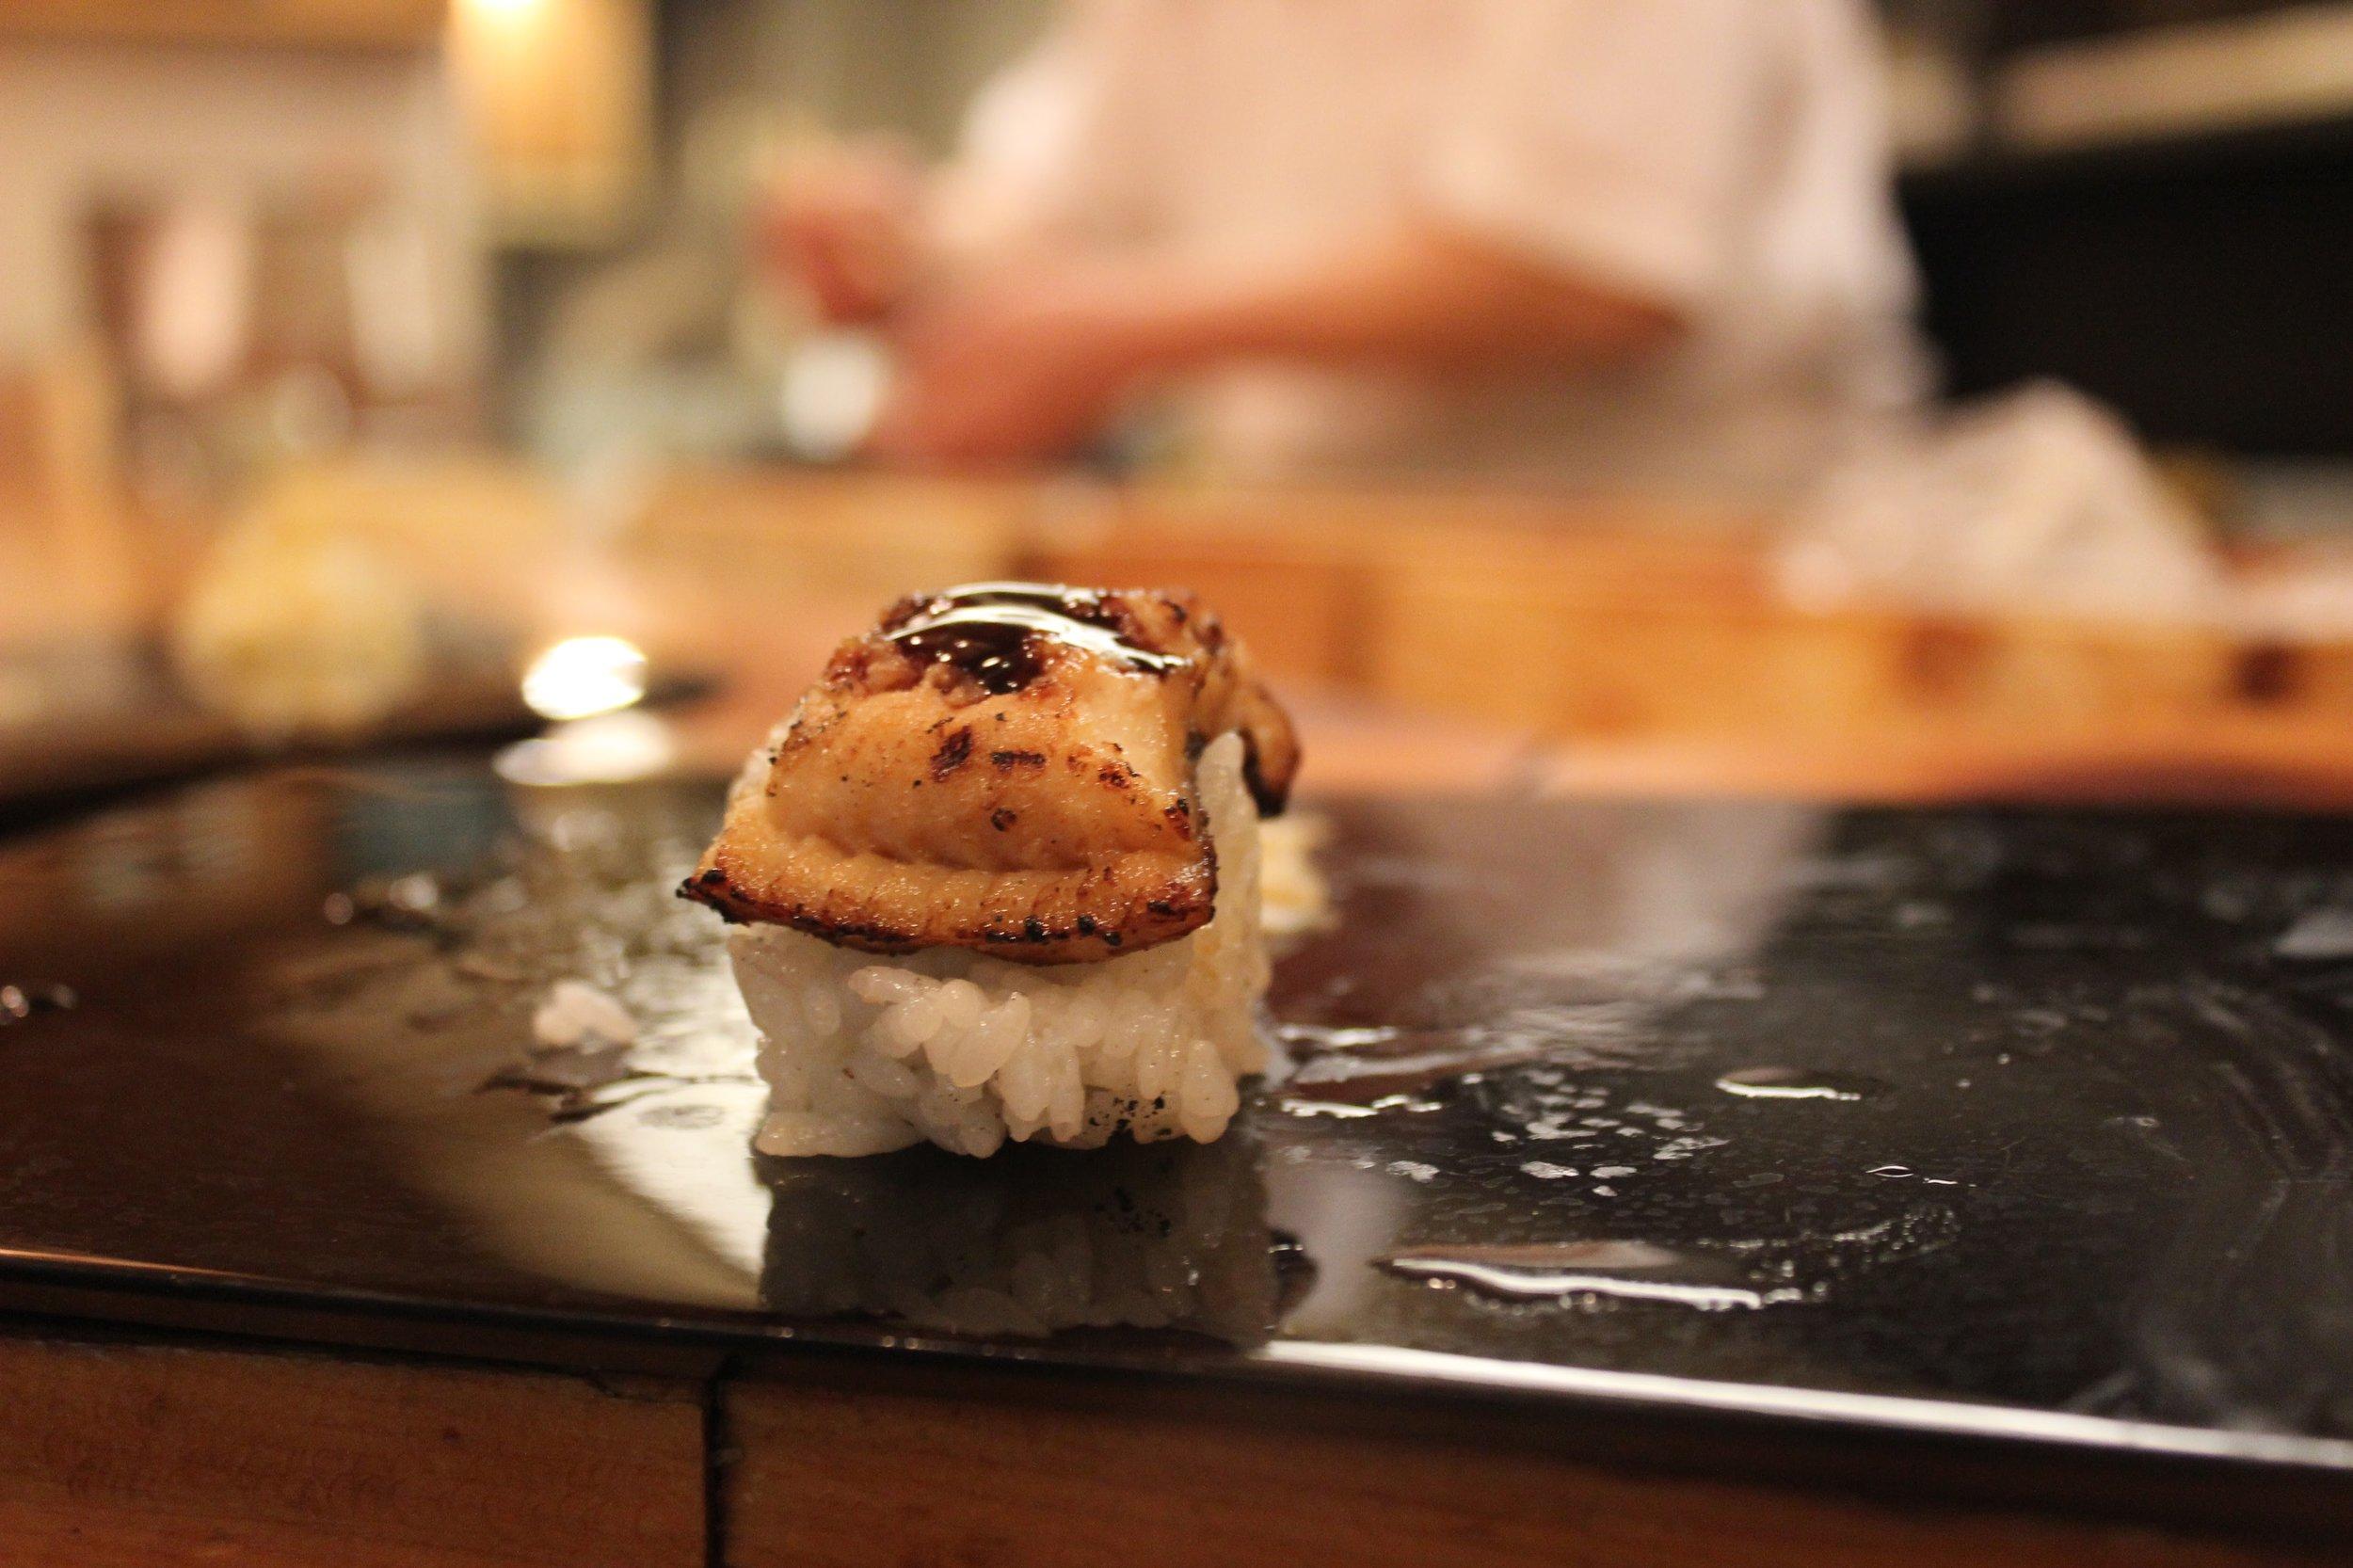 Unagi Sushi from Yajima in Shibuya, Tokyo